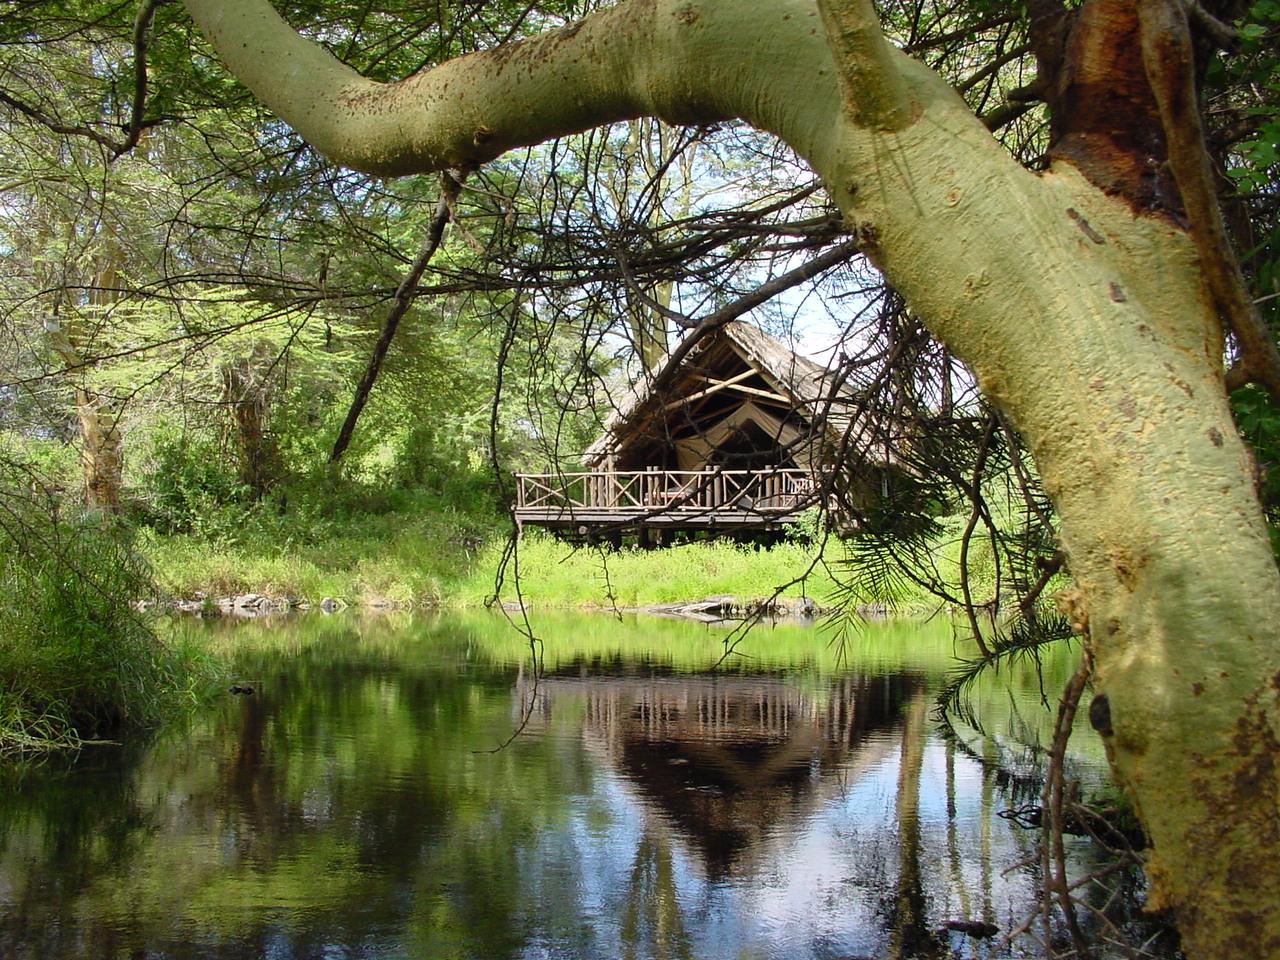 Camp Finch-Hatton